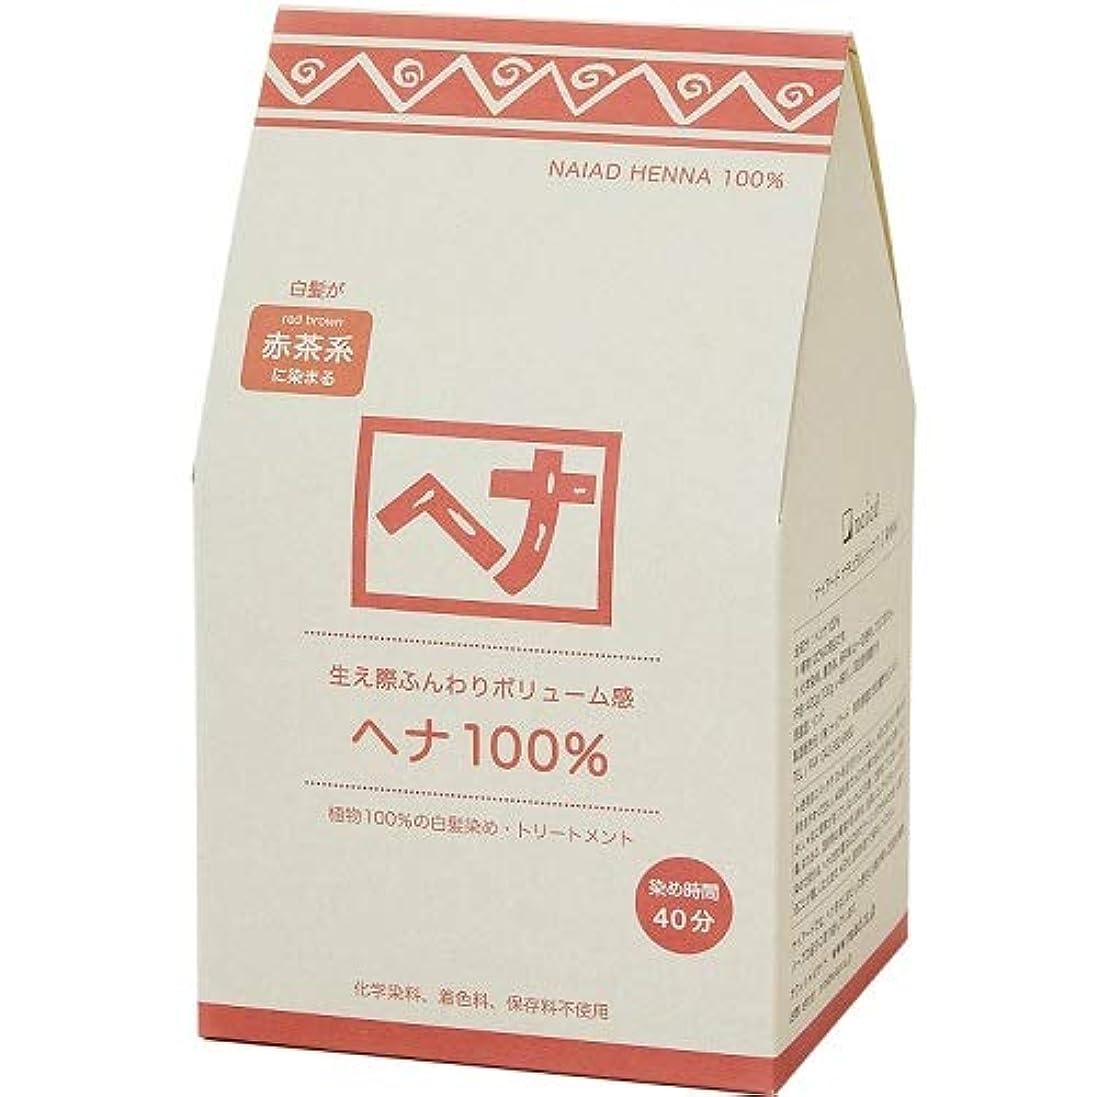 インチ水銀のペイントNaiad(ナイアード) ヘナ 100% 400g